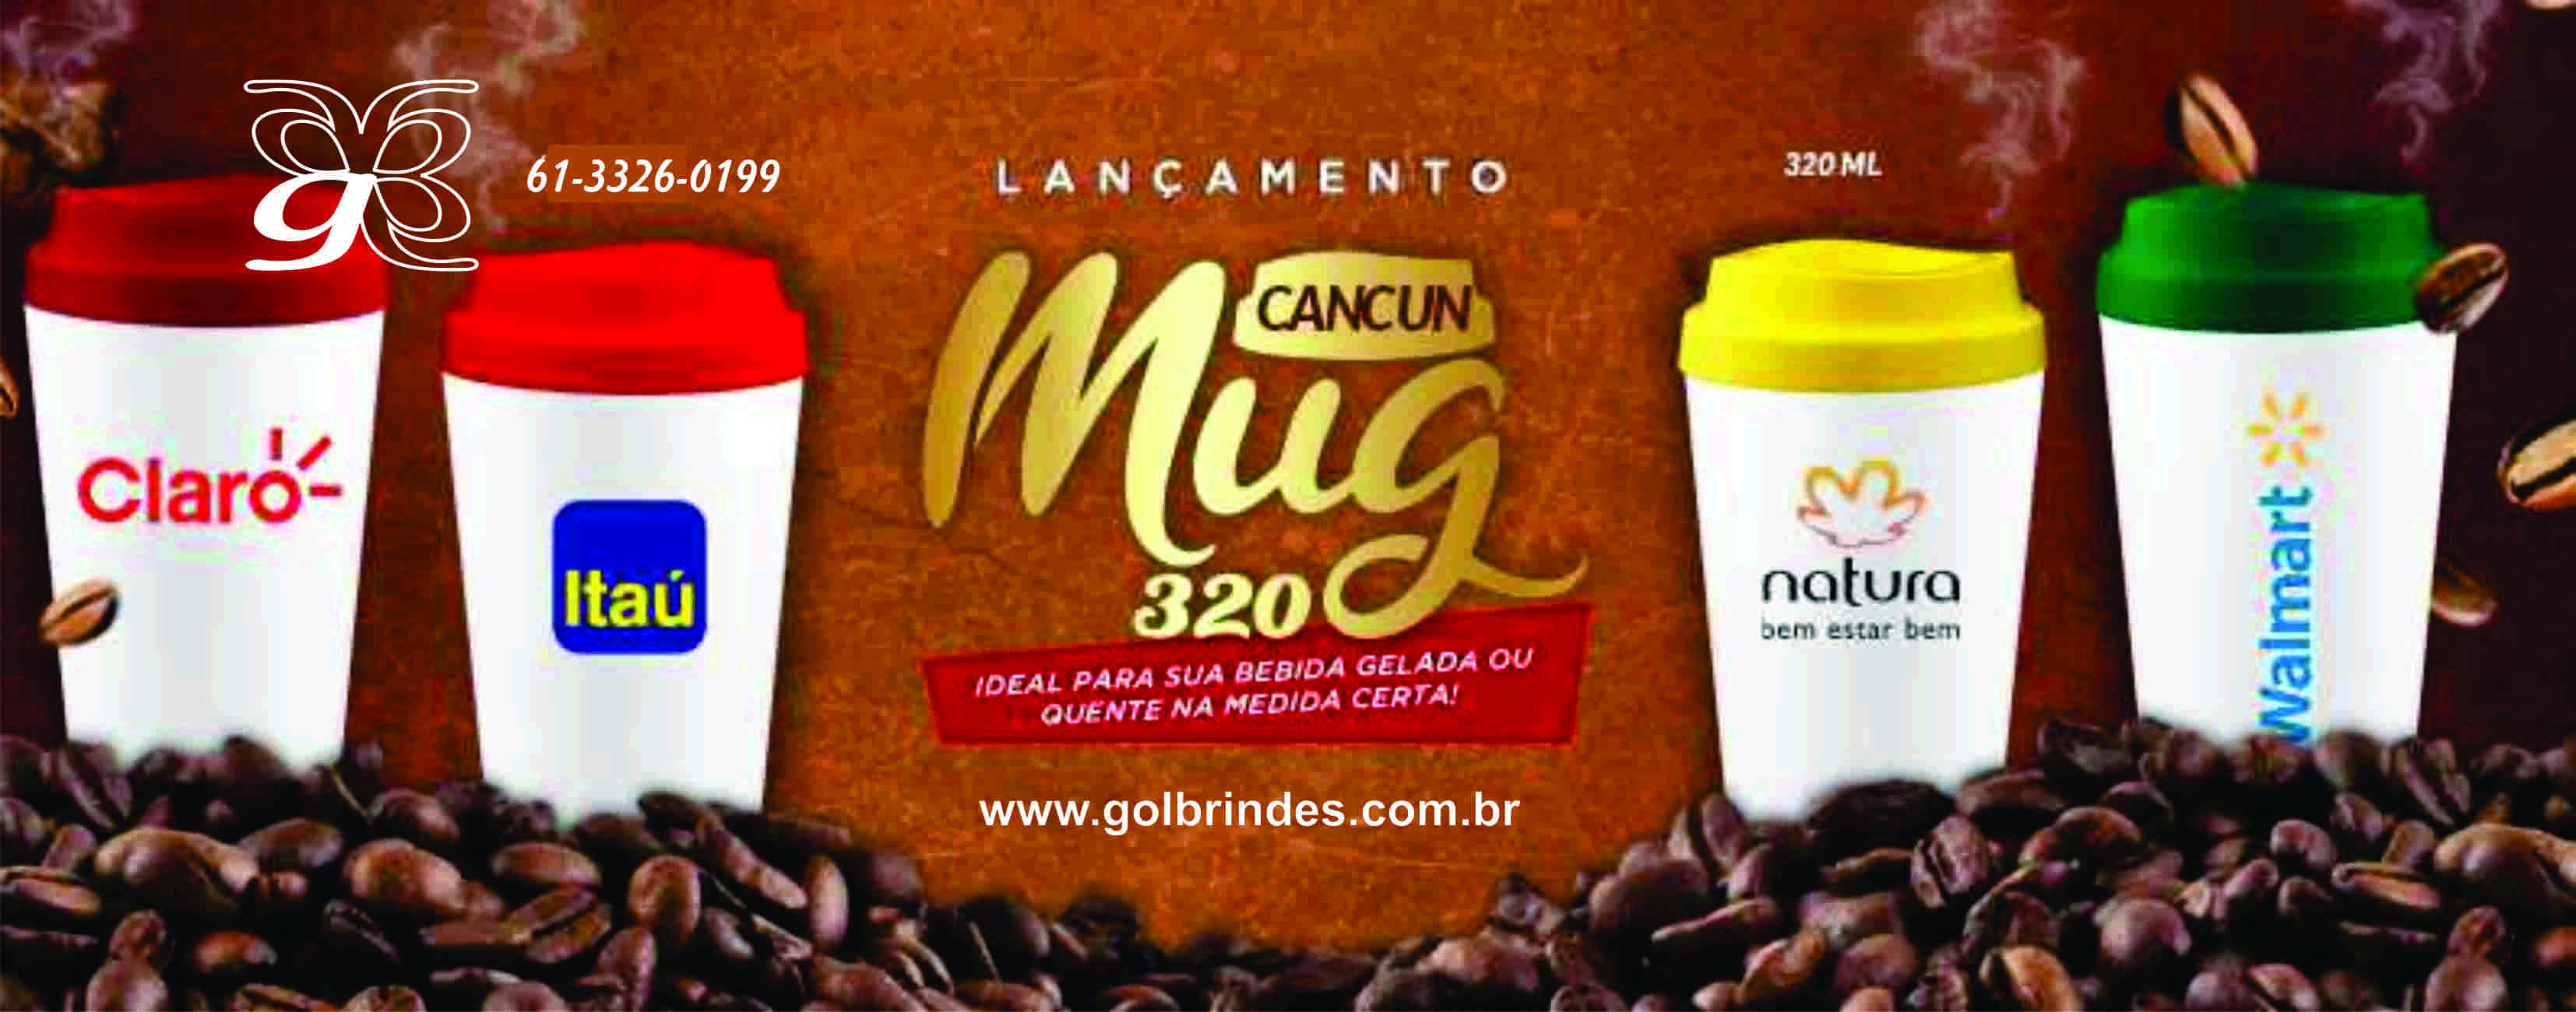 mug_cacun